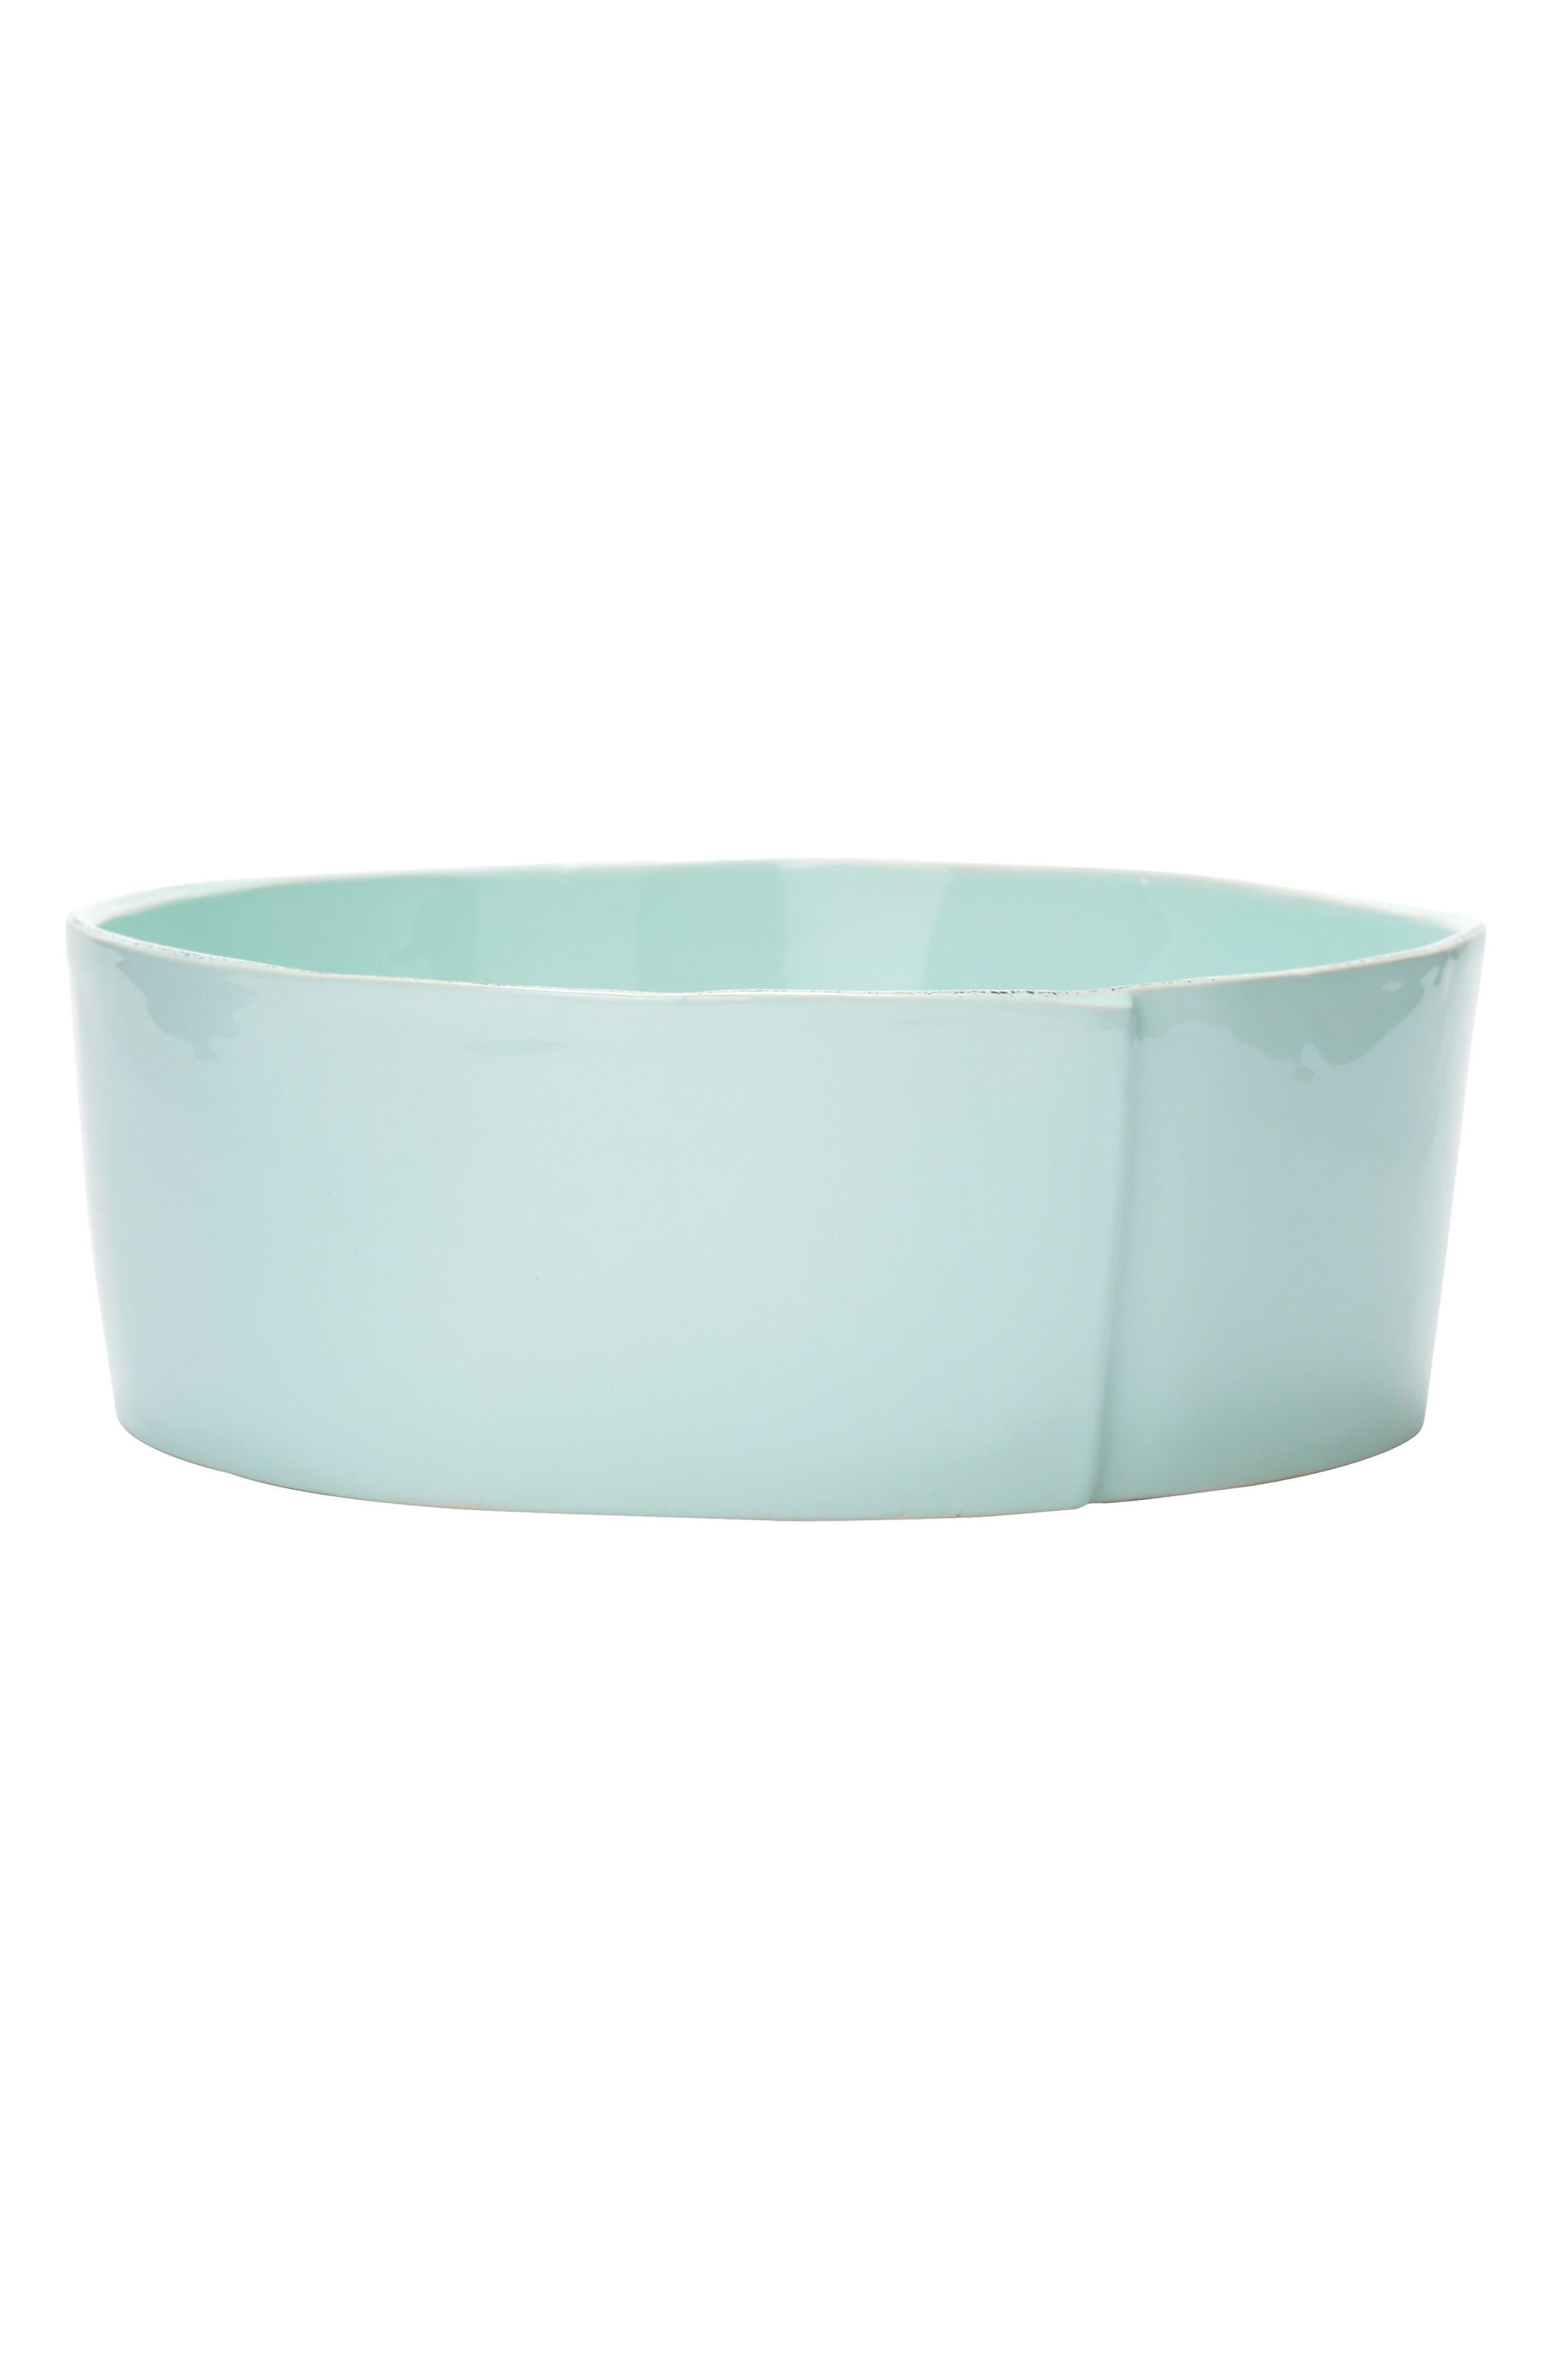 Lastra Serving Bowl,                         Main,                         color, Aqua - Large